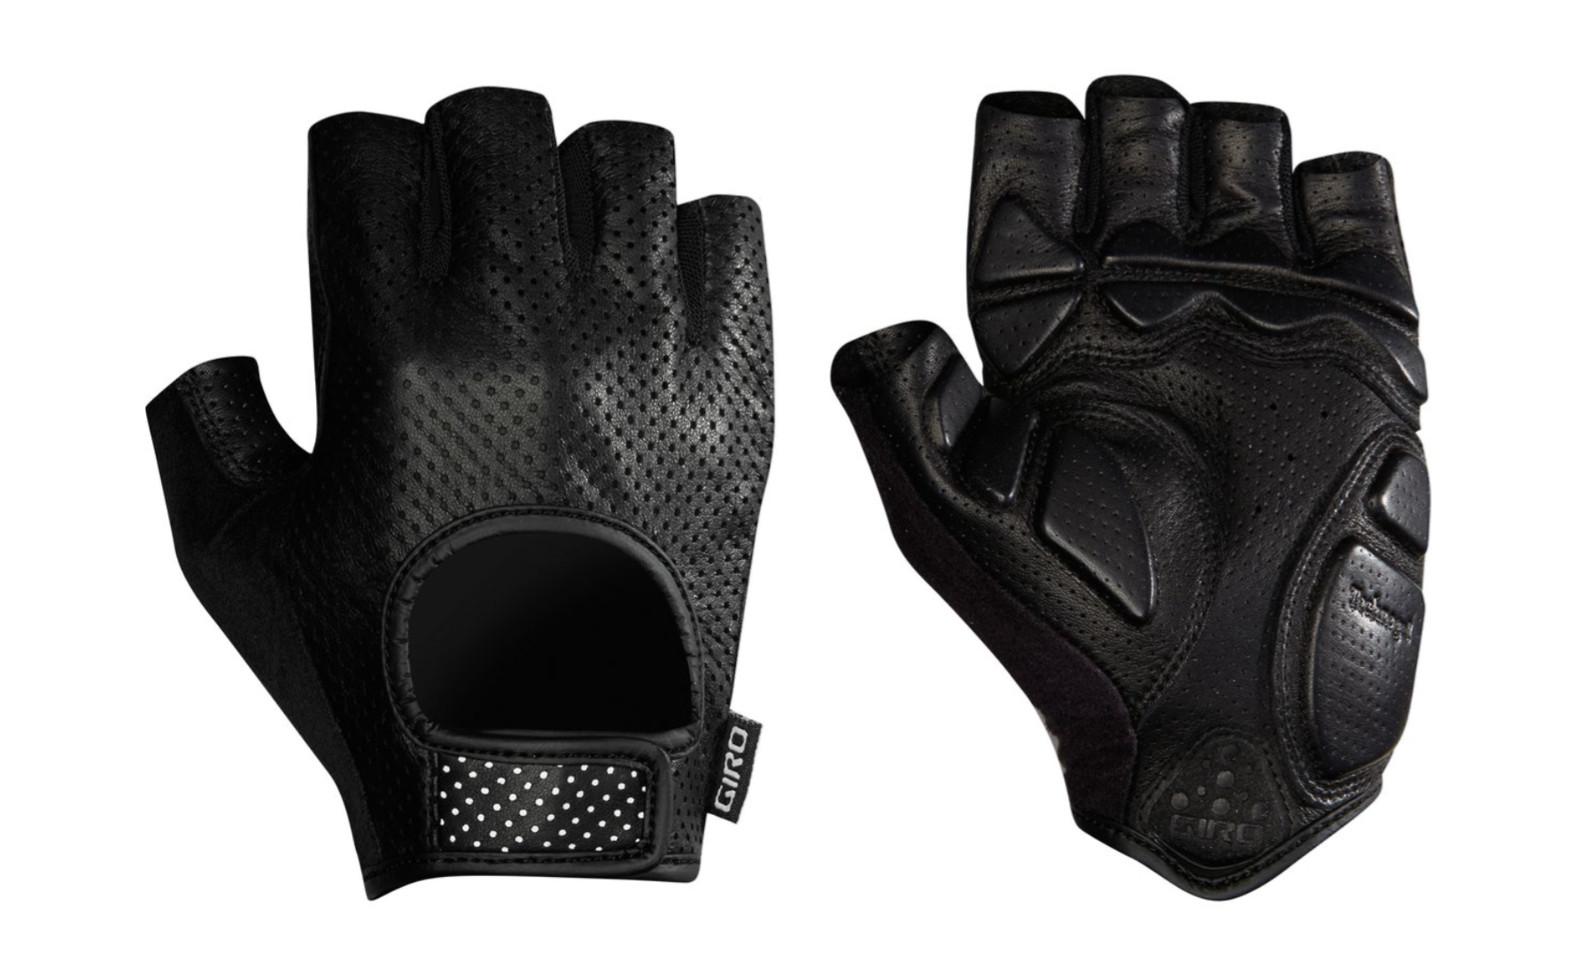 Giro LX Glove Giro LX Glove - Black